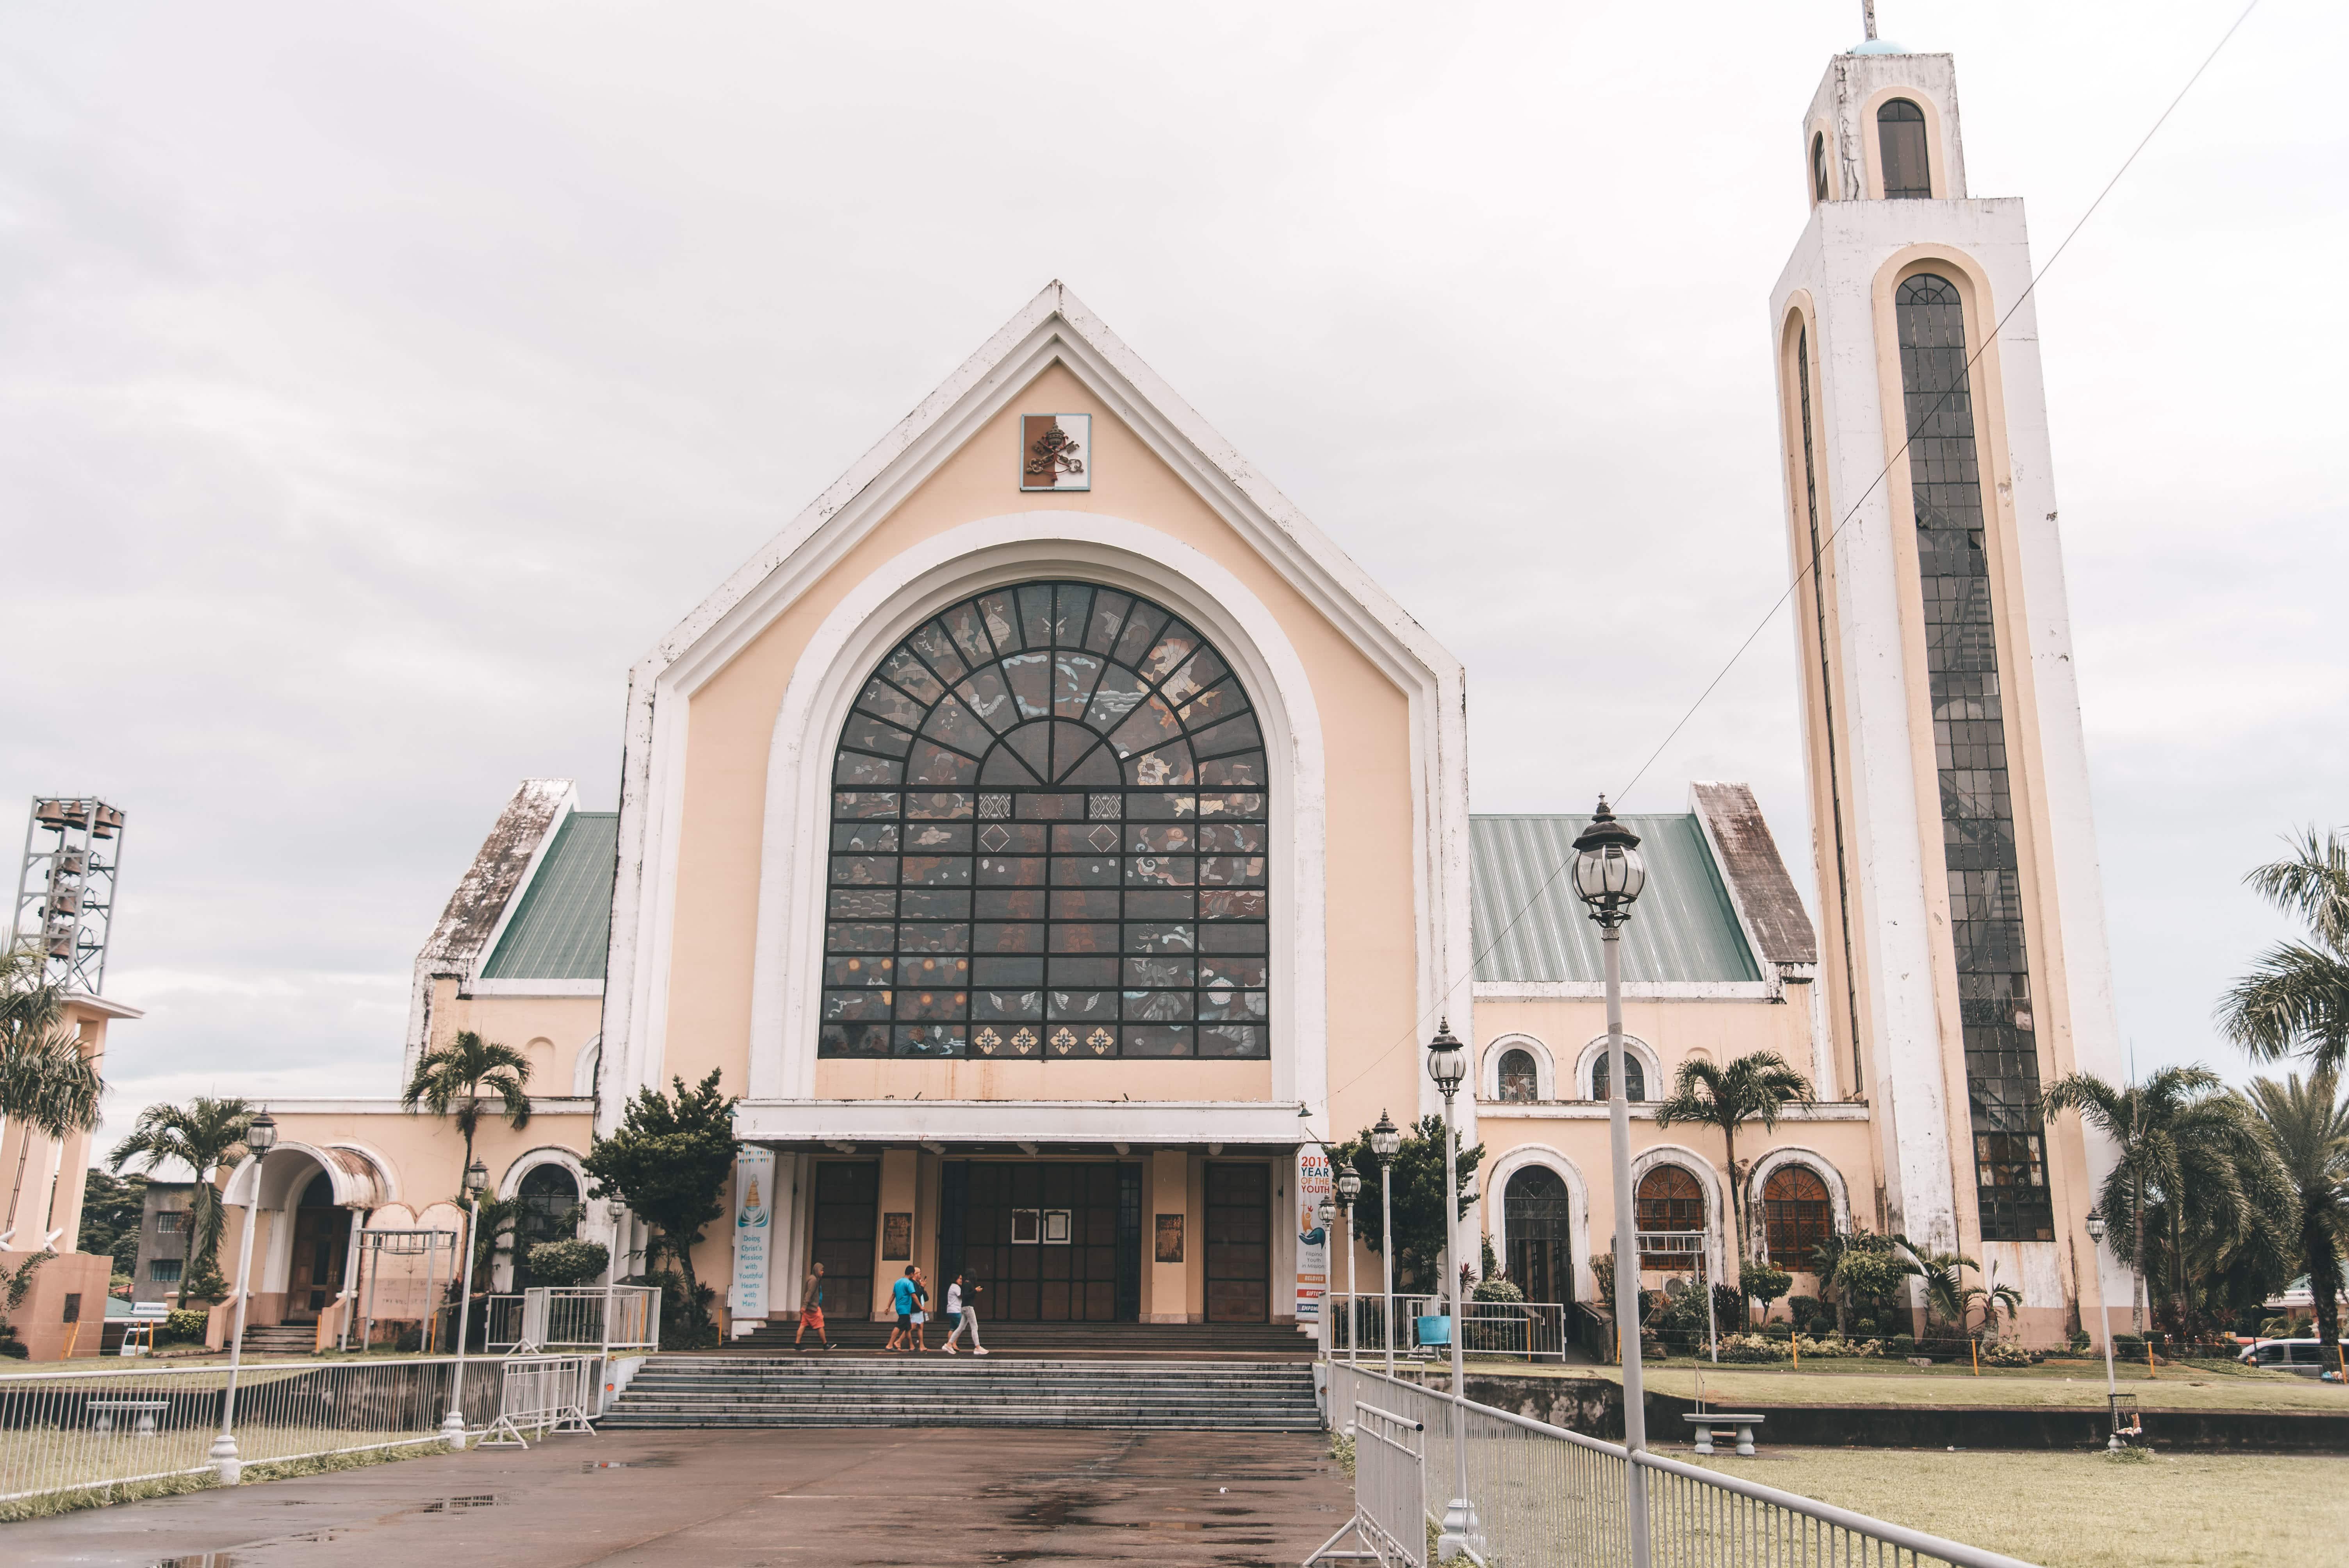 Naga tourist spots, Basilica of Our Lady Penafrancia